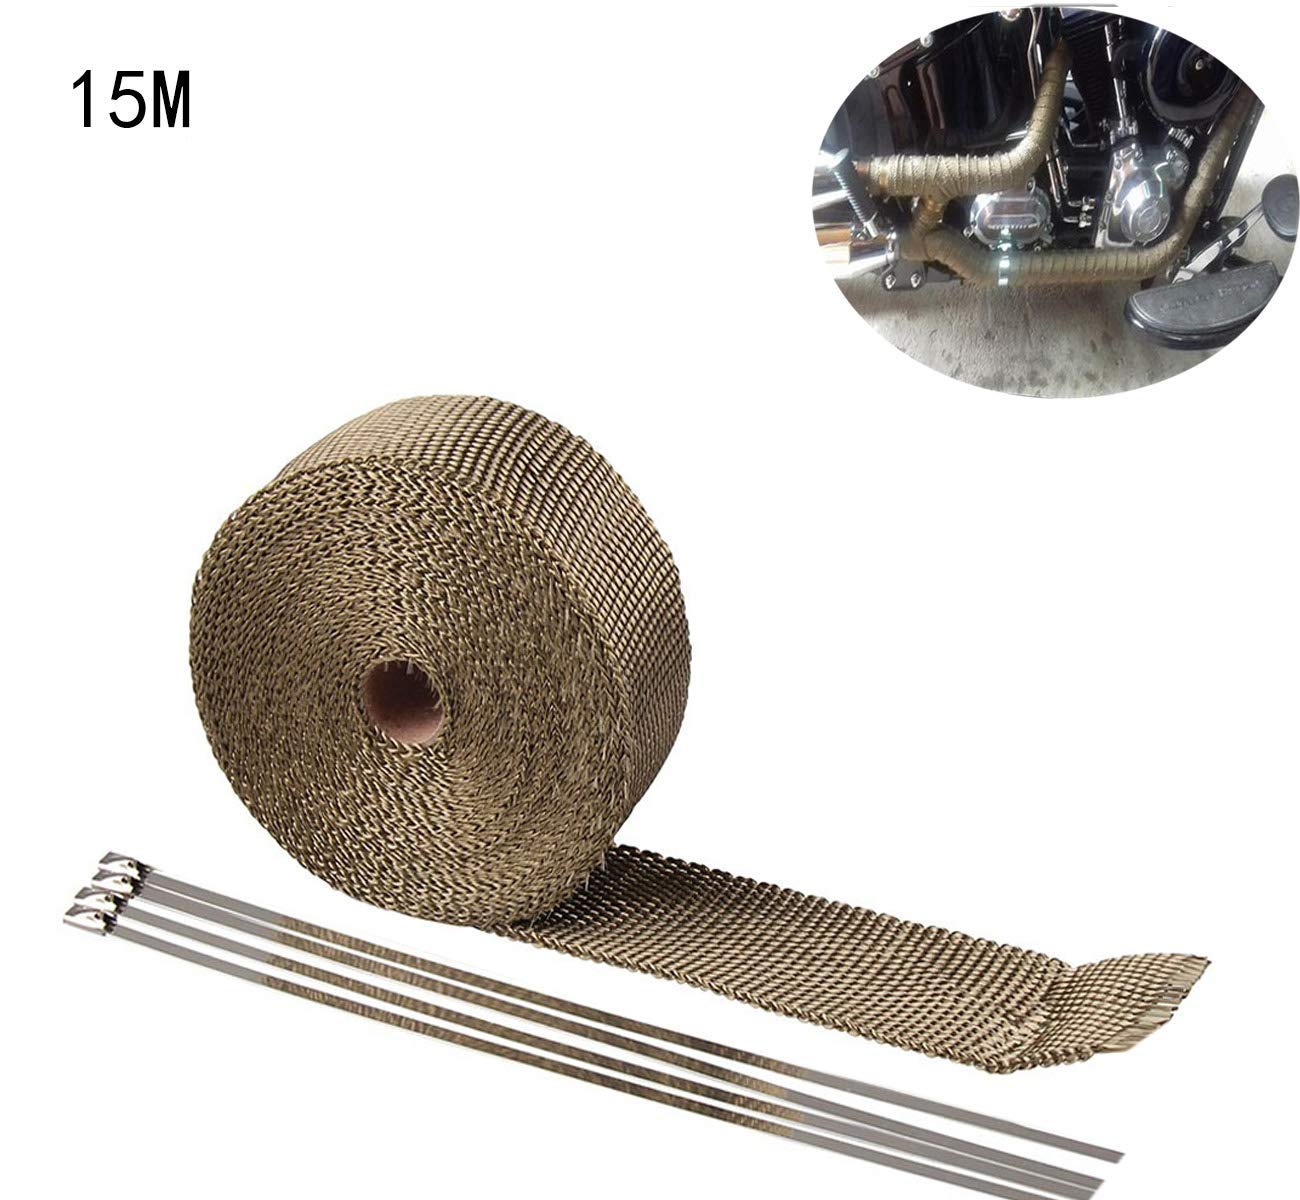 15m Nastro Termico Isolante in fibra di vetro per tubi di scarico per motocicli 10 pezzi Flange isolamento per avvolgimento Collettore di scarico moto Colore Oro antico